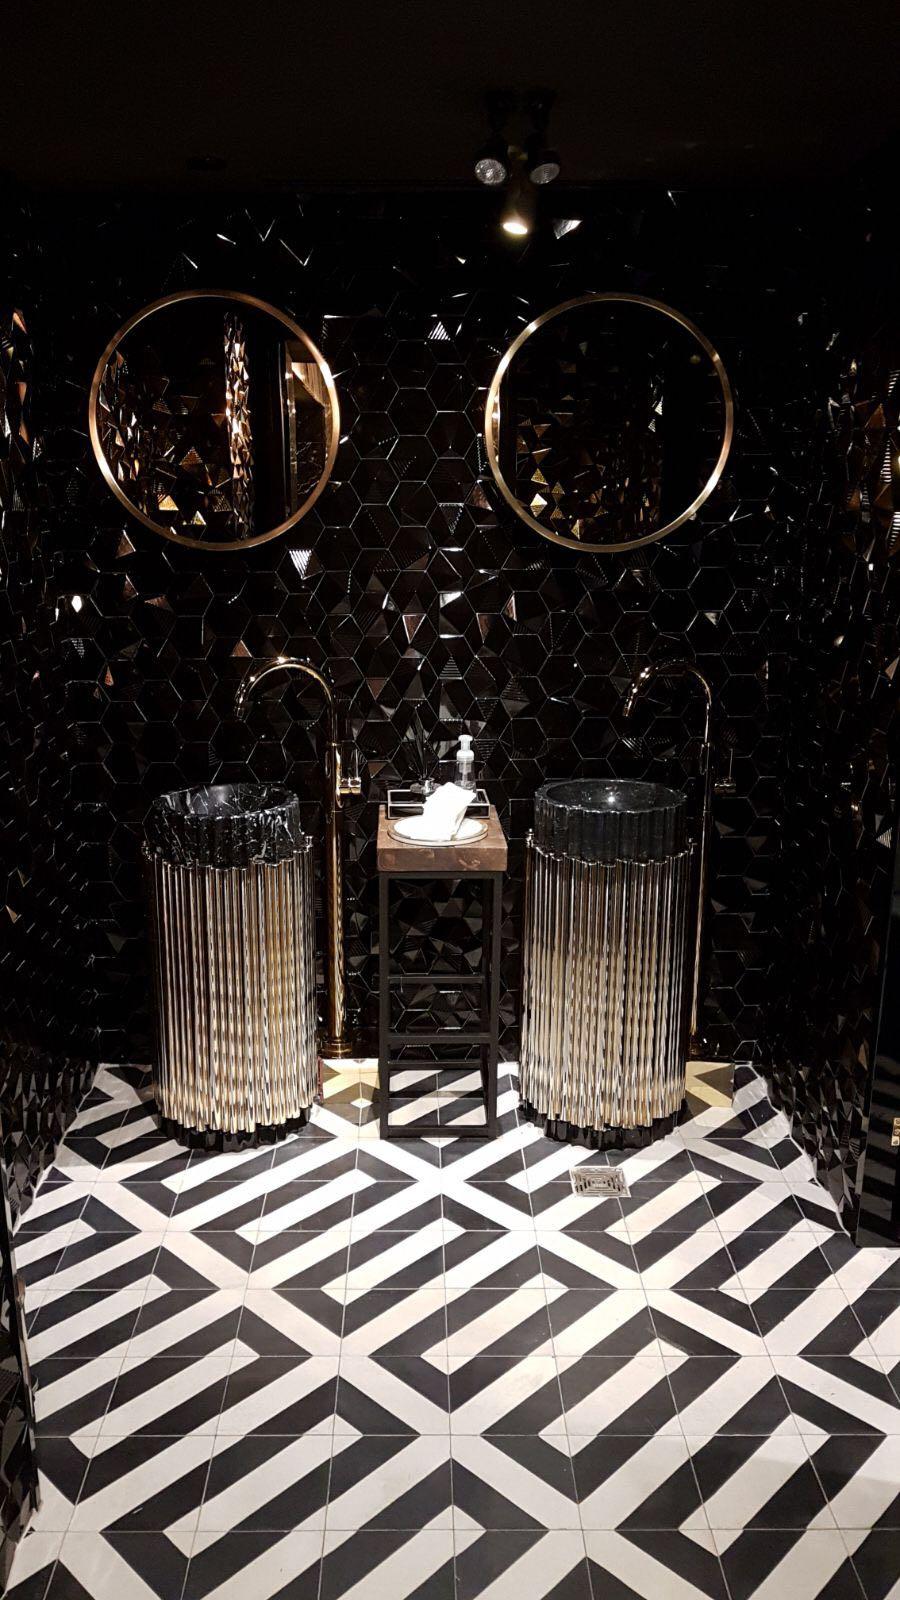 Discover Maison Valentina's Bathroom for Drake New Restaurant cb5dc415 275a 4279 8a24 fb970ec4bb4b